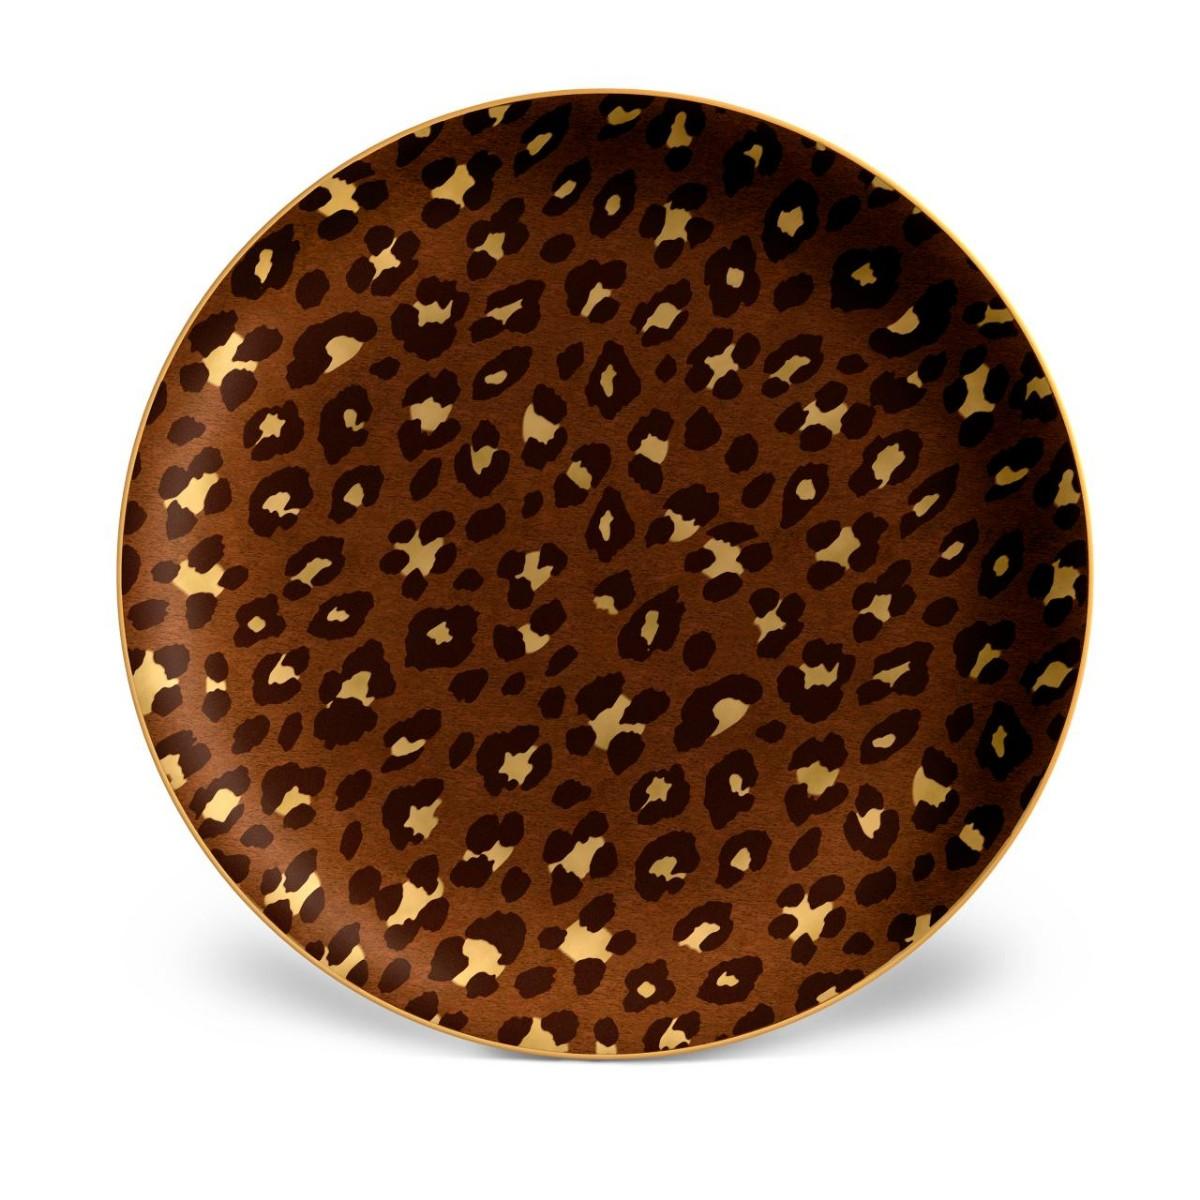 L'Objet I Leopard Charger/Cake Plate